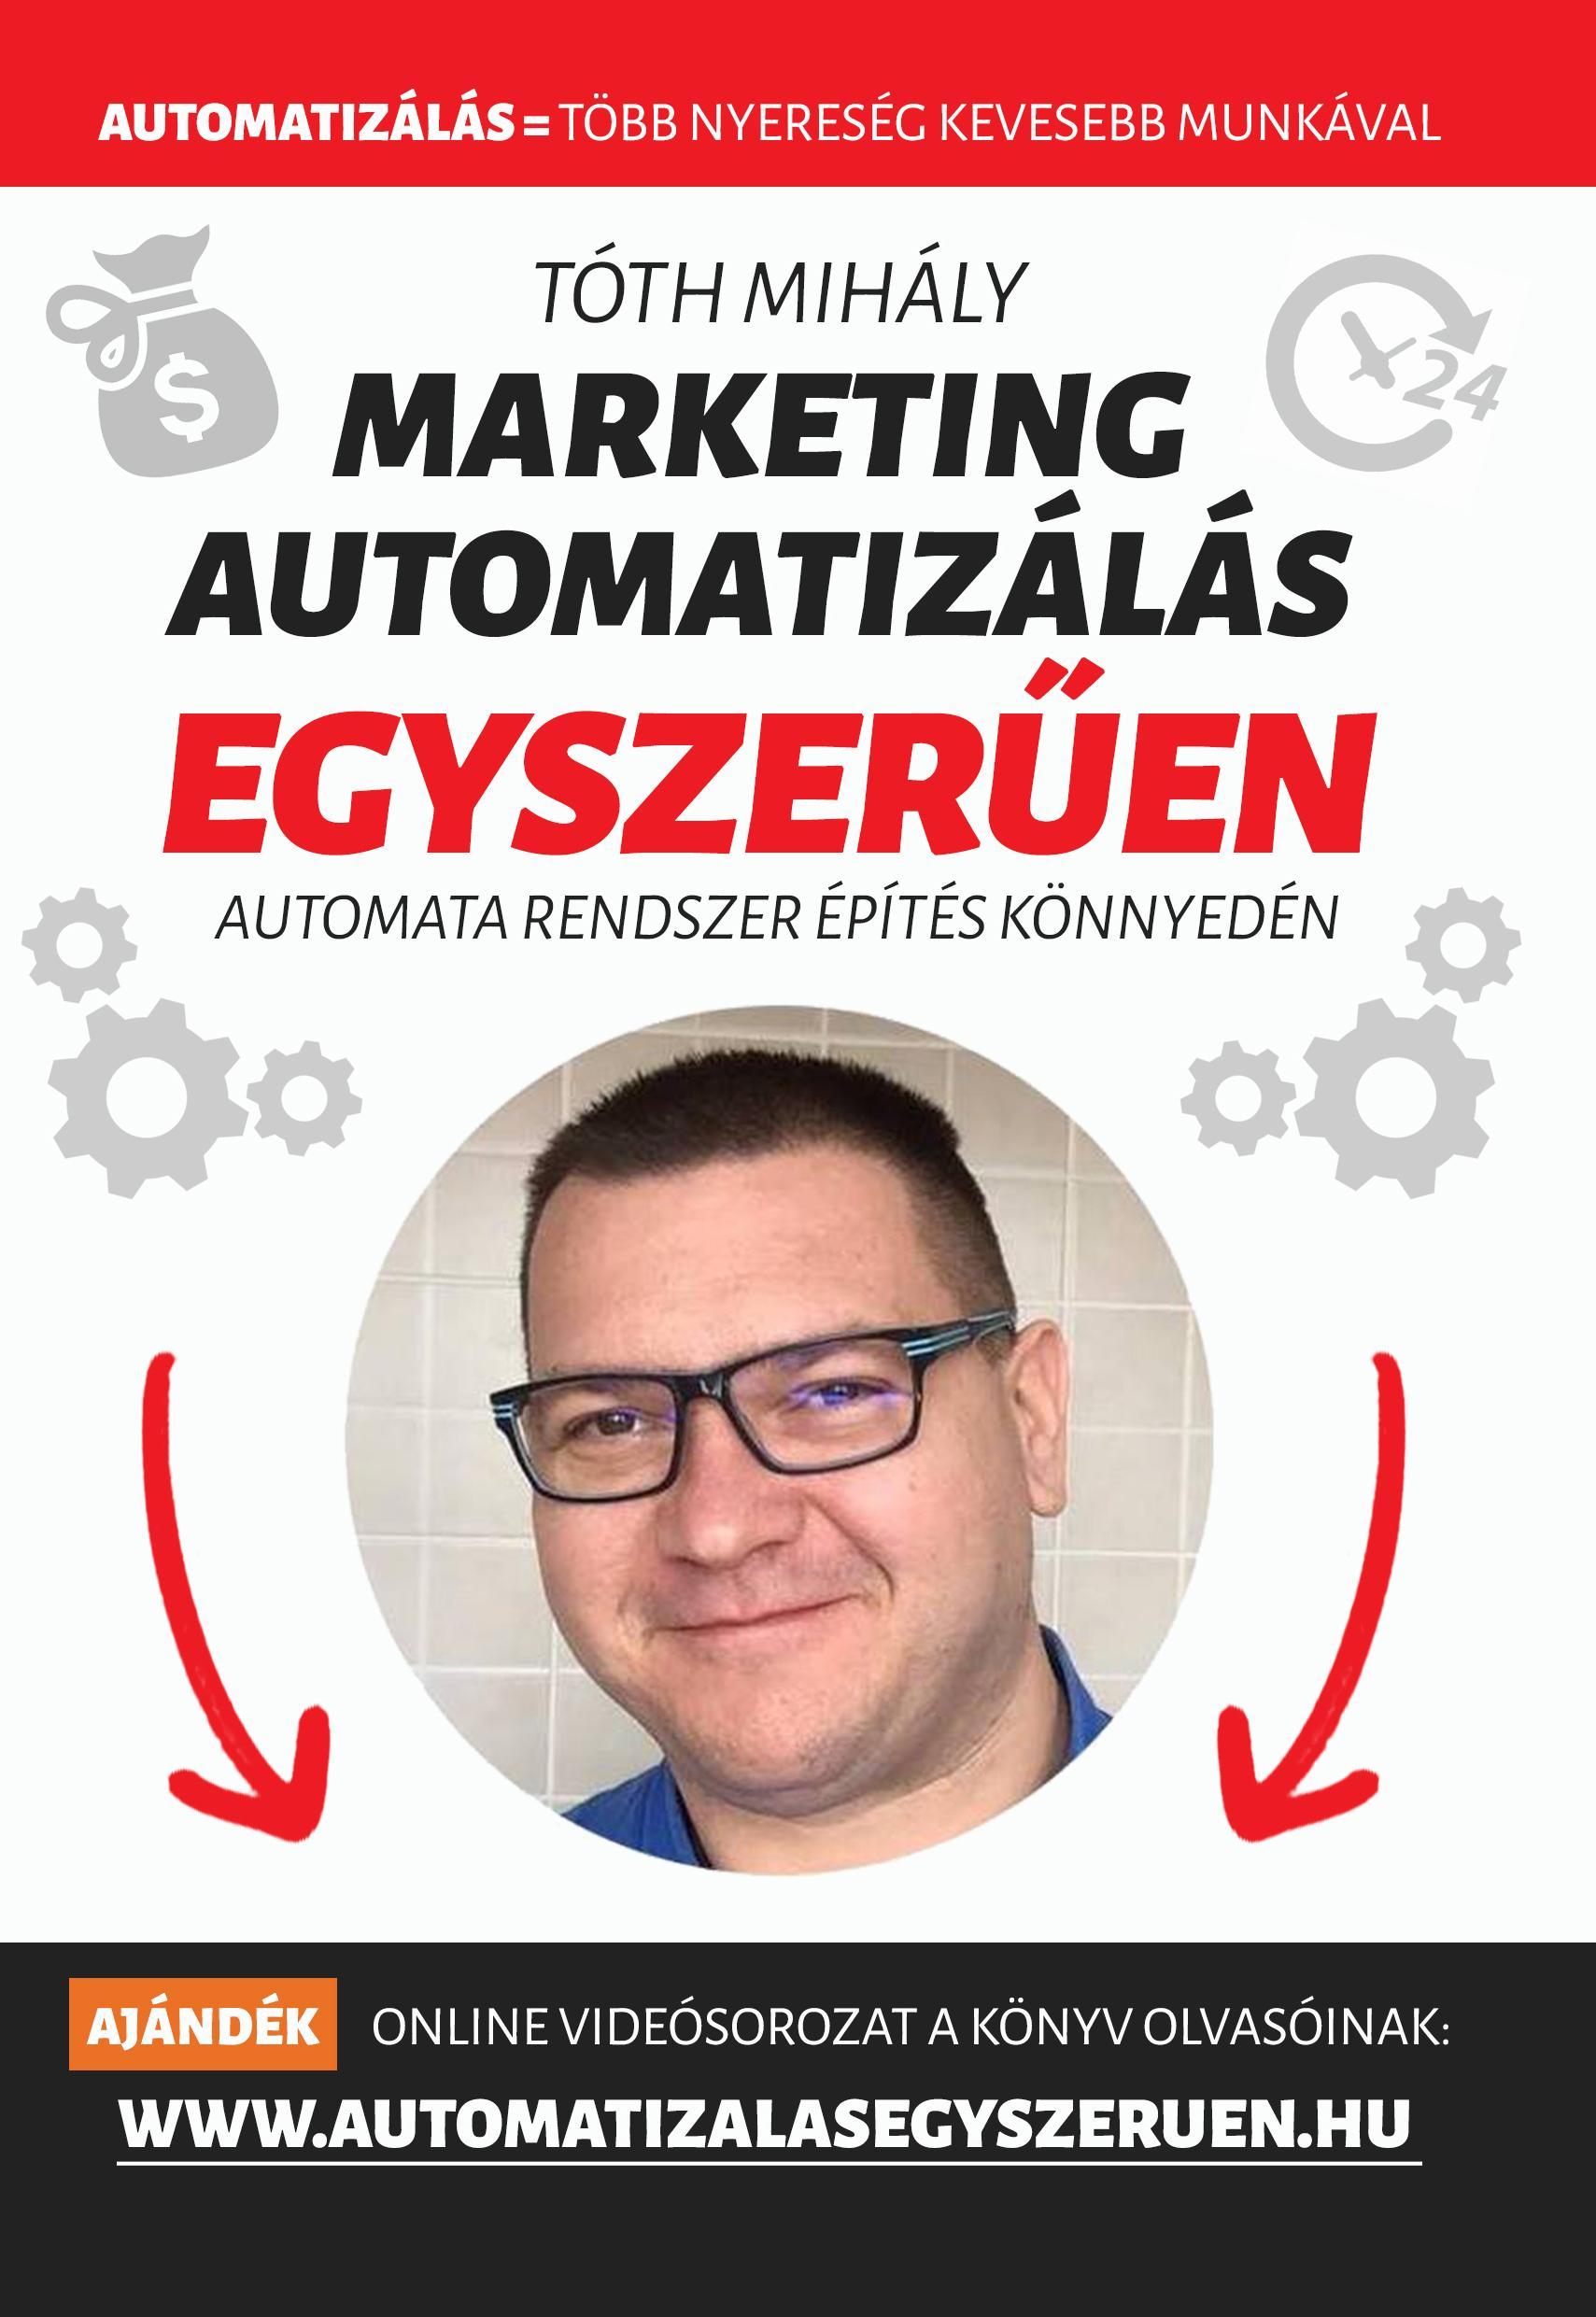 MARKETING AUTOMATIZÁLÁS EGYSZERŰEN